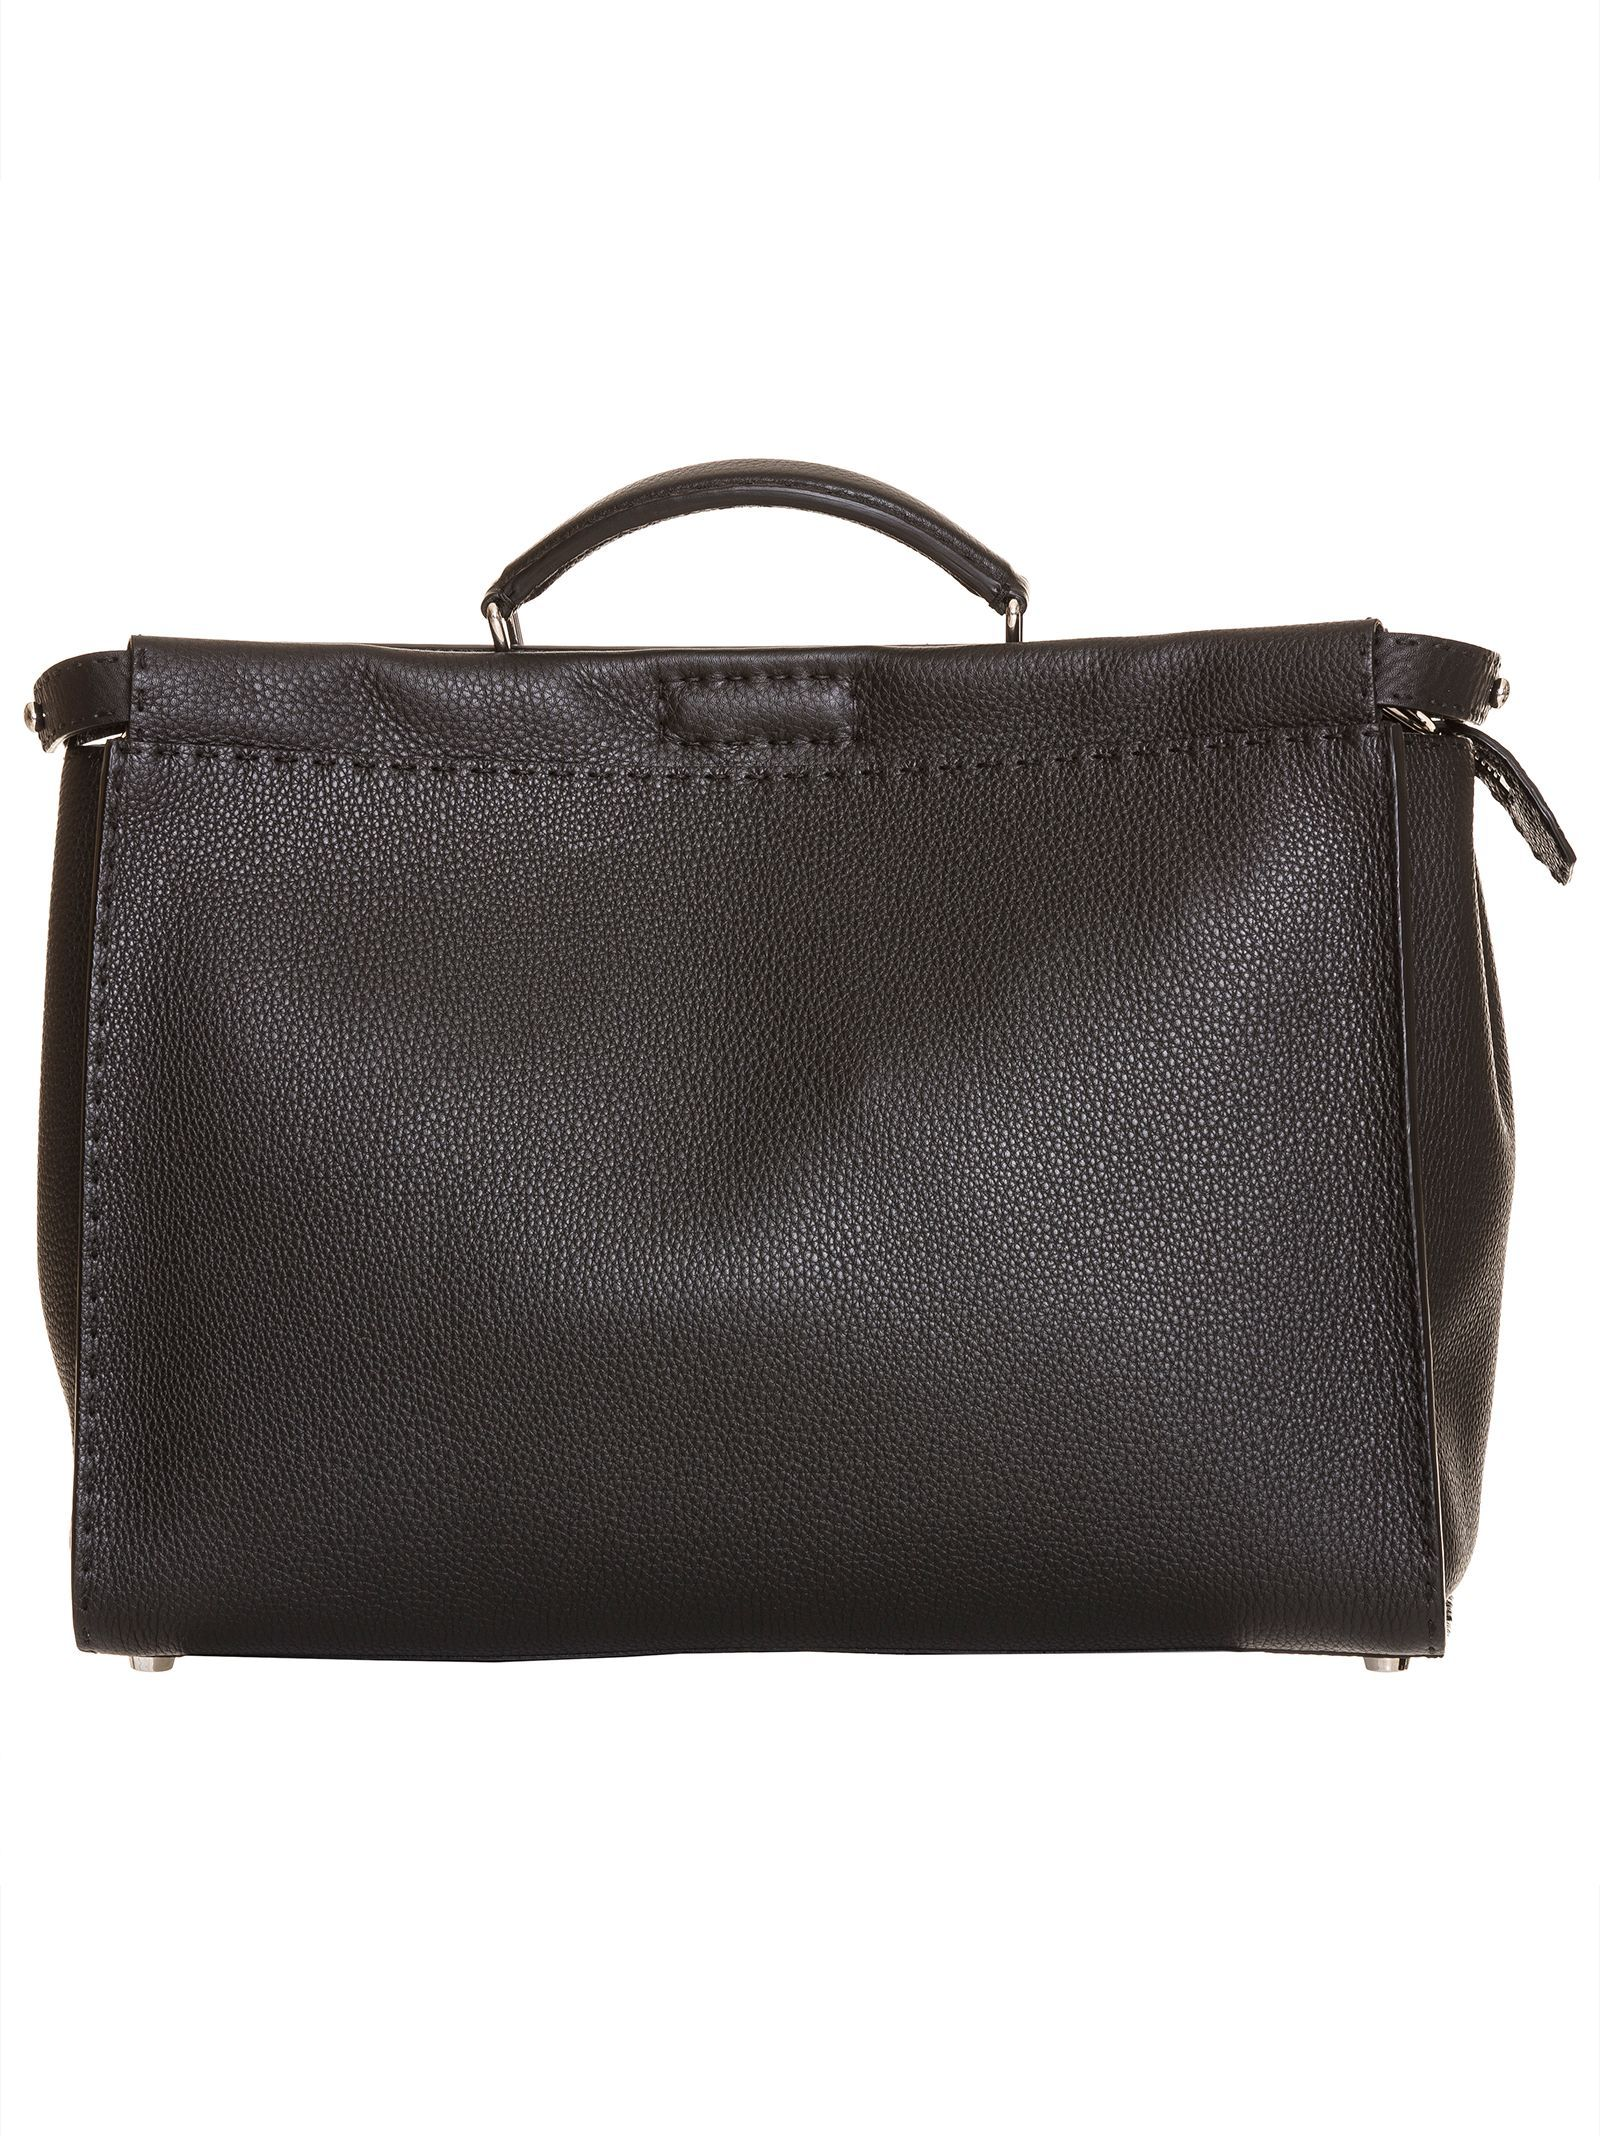 FENDI PEEKABOO TOTE BAG.  fendi  bags  shoulder bags  hand bags  leather   tote 1ac0f8d723eed